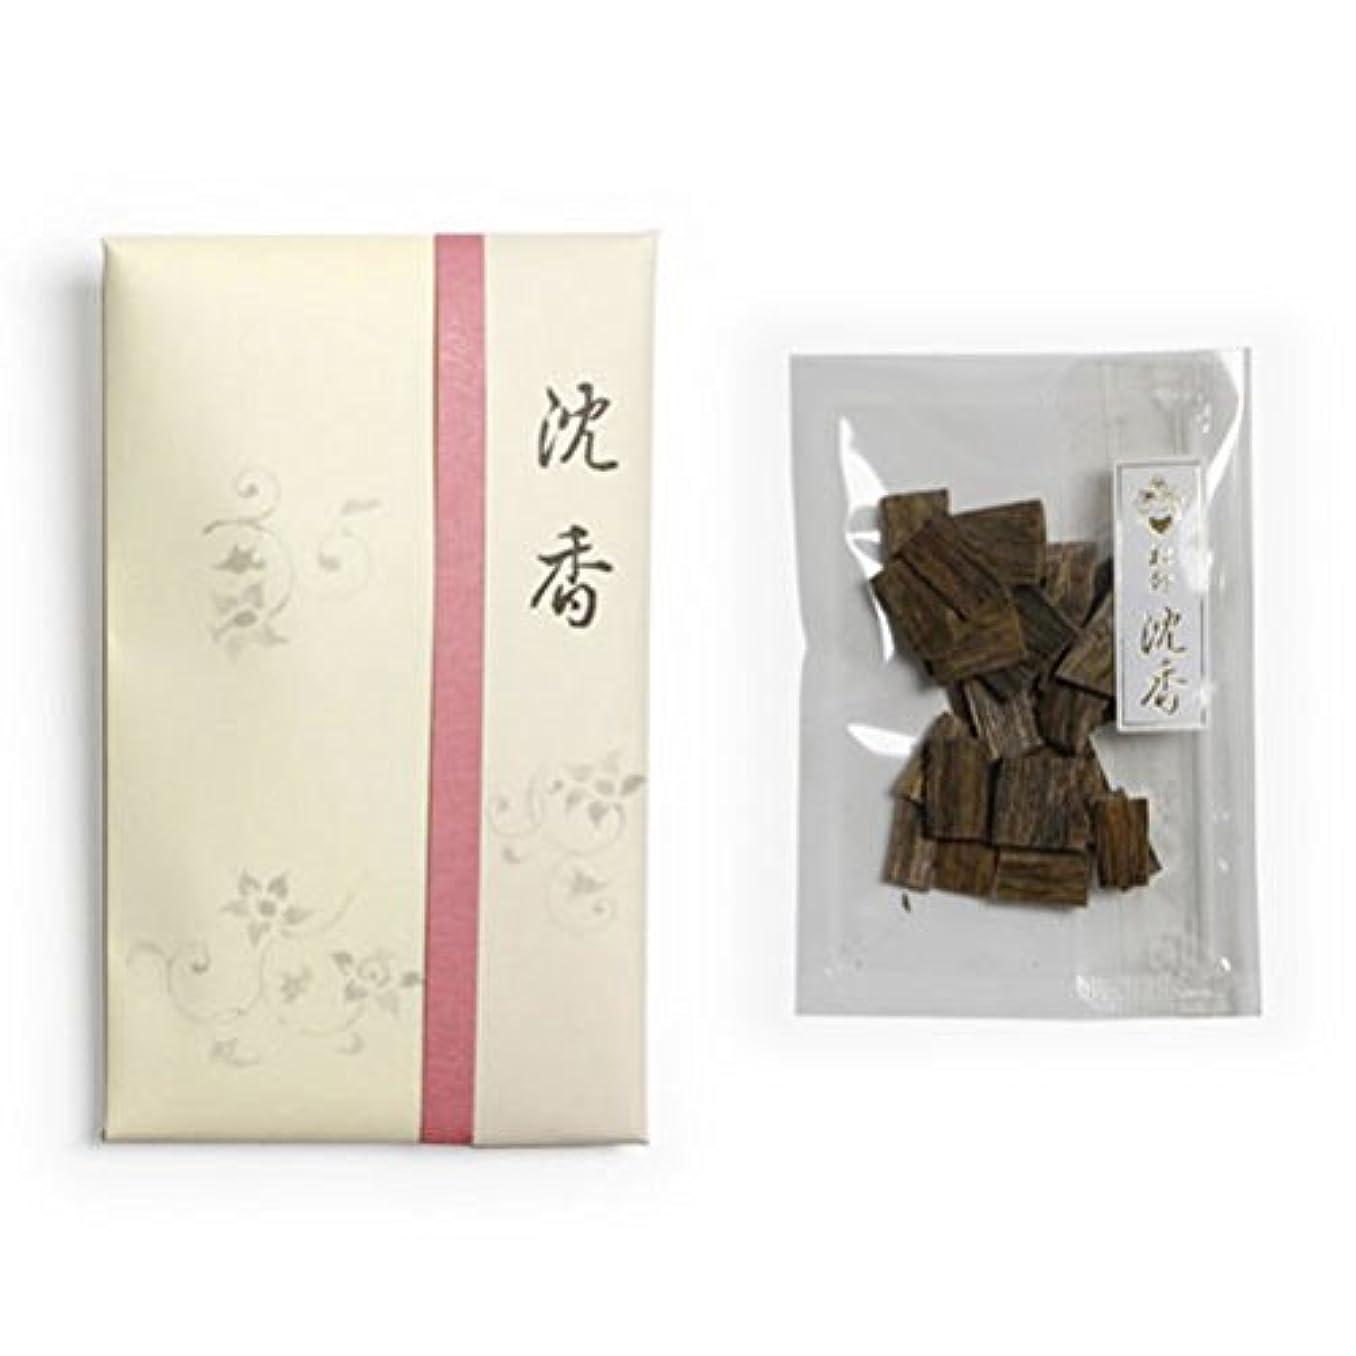 ひいきにする茎衝動香木 松印 沈香 割(わり) 5g詰 松栄堂